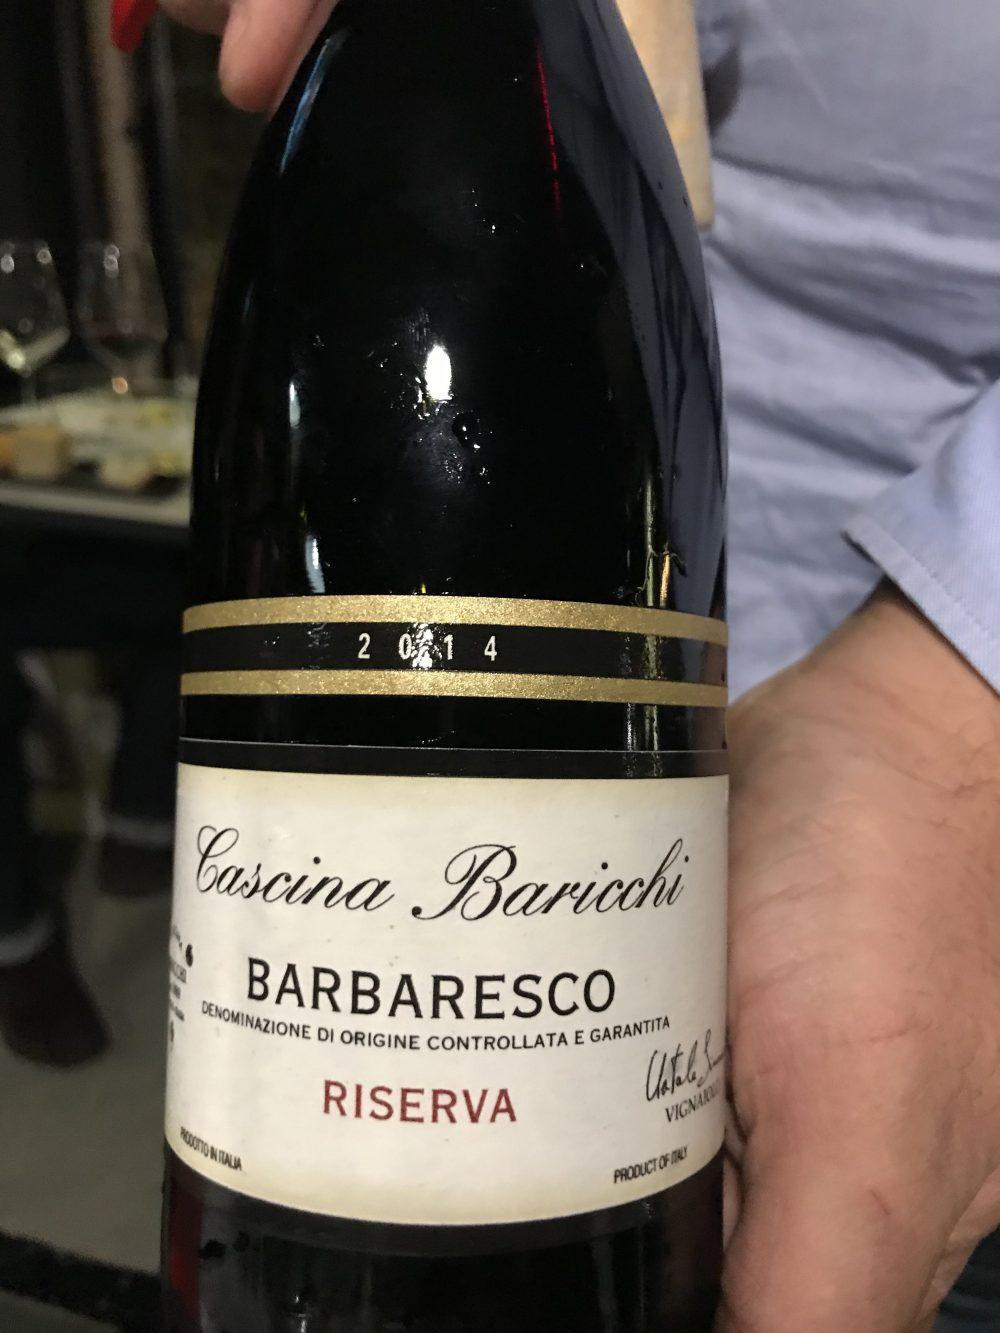 Santo Bevitore - Barbaresco Riserva 2014 Cascina Baricchi